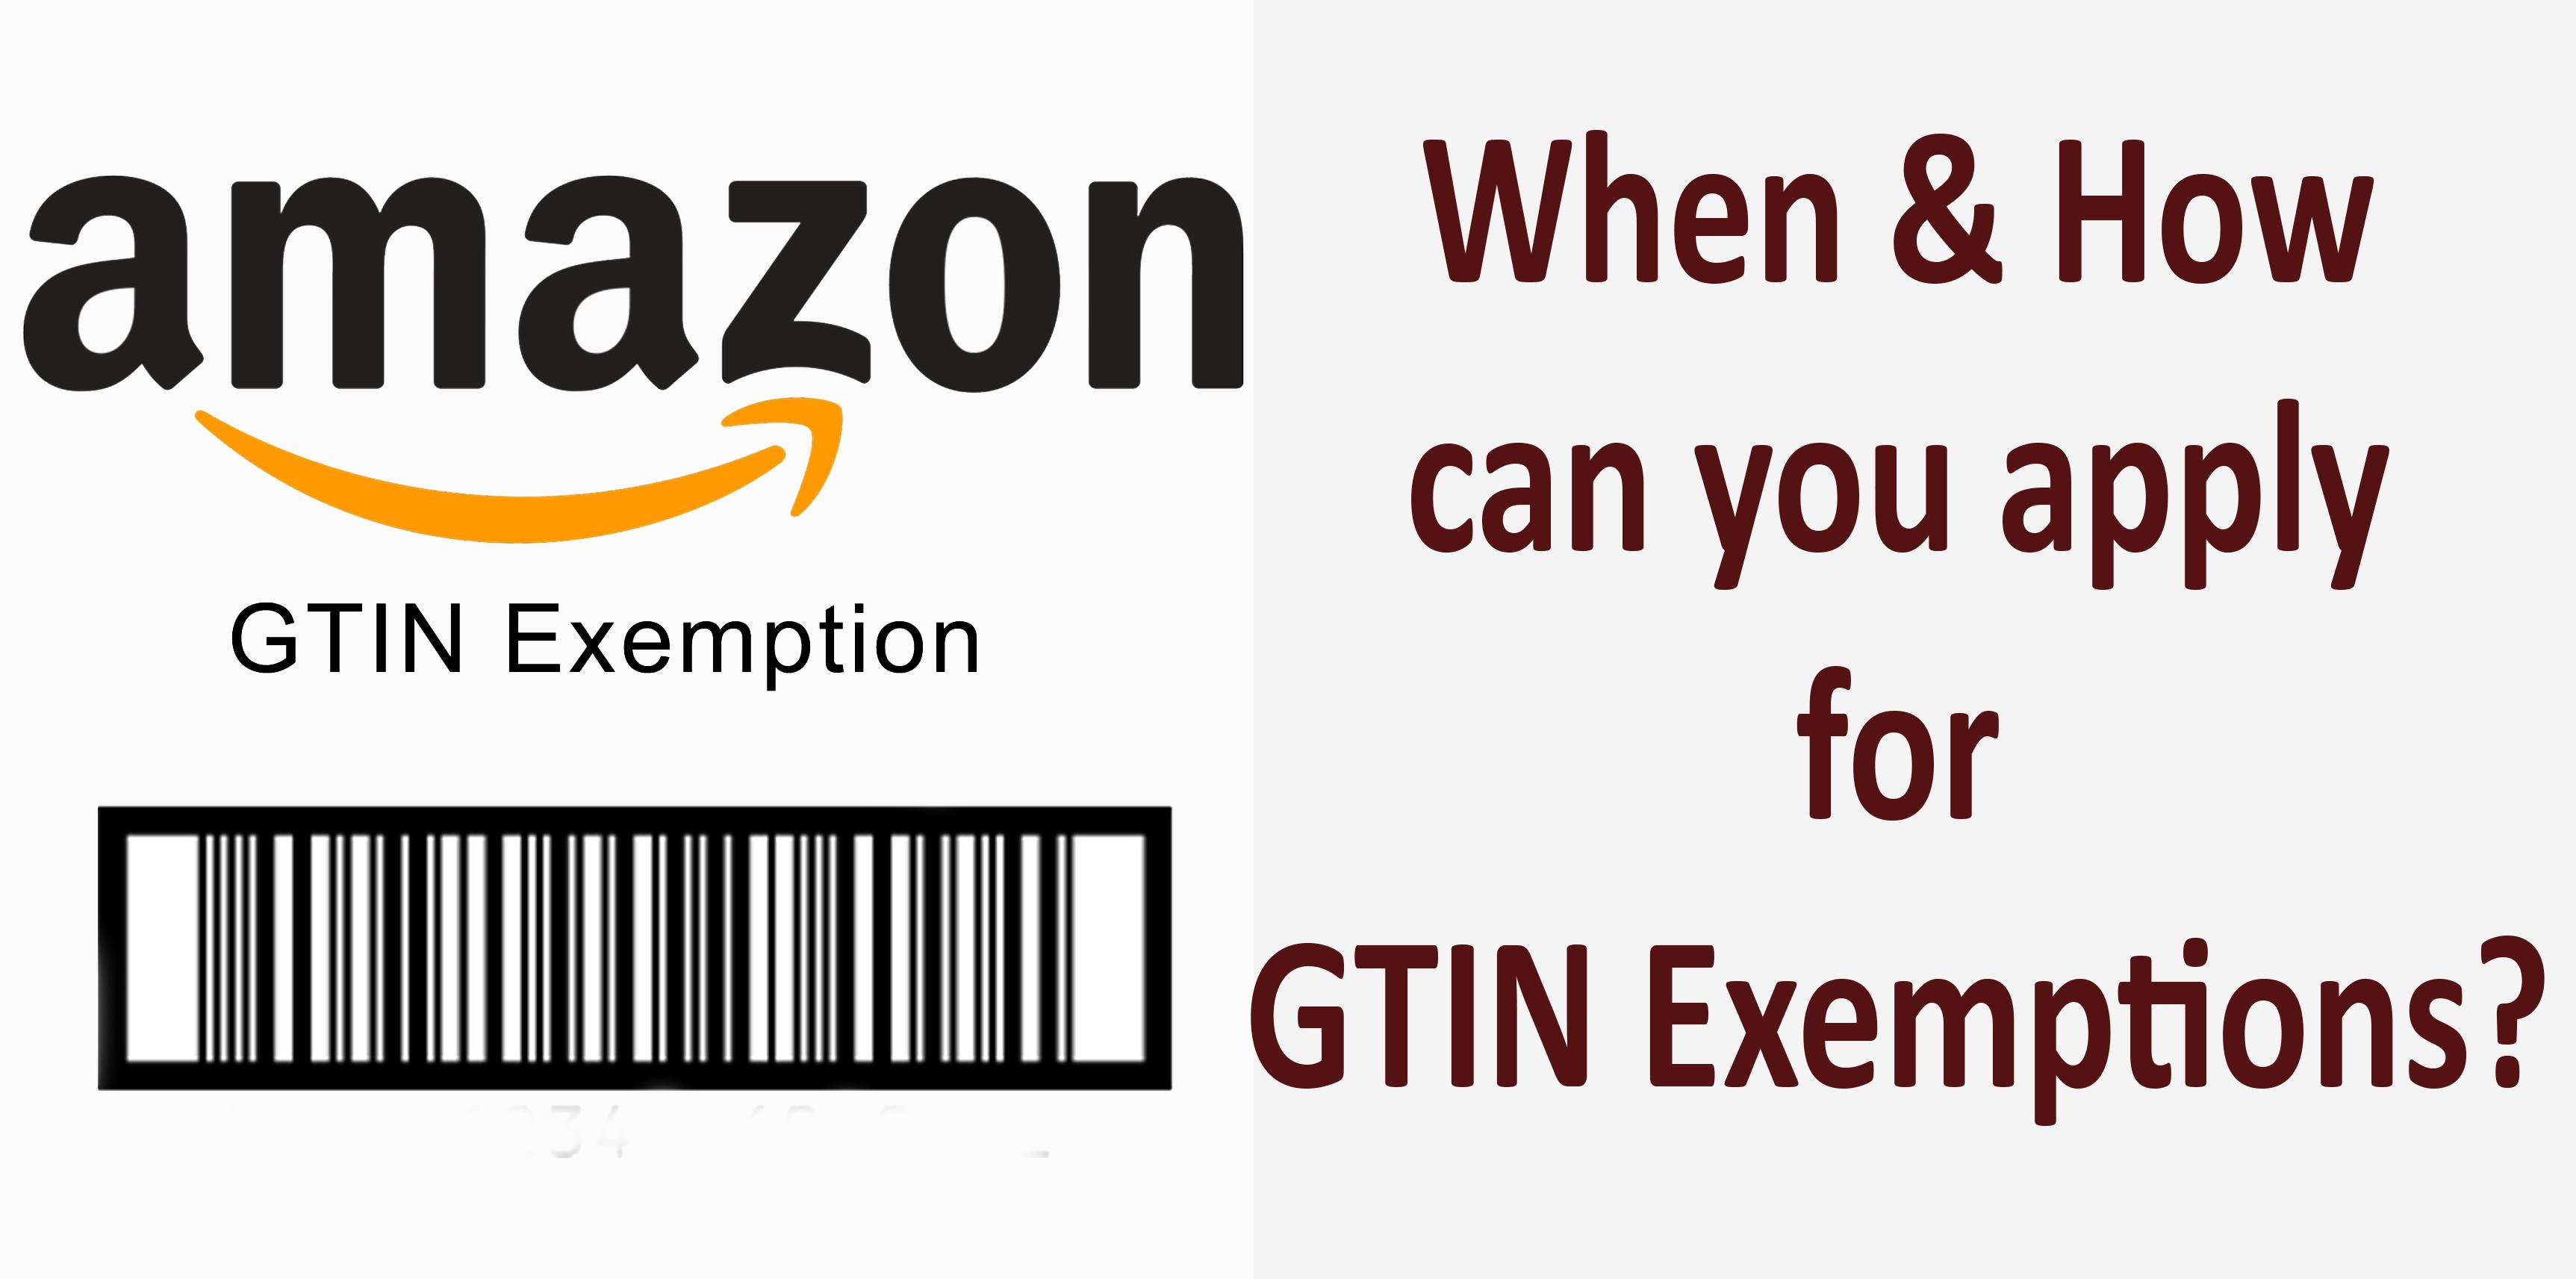 Amazon GTIN Exemption